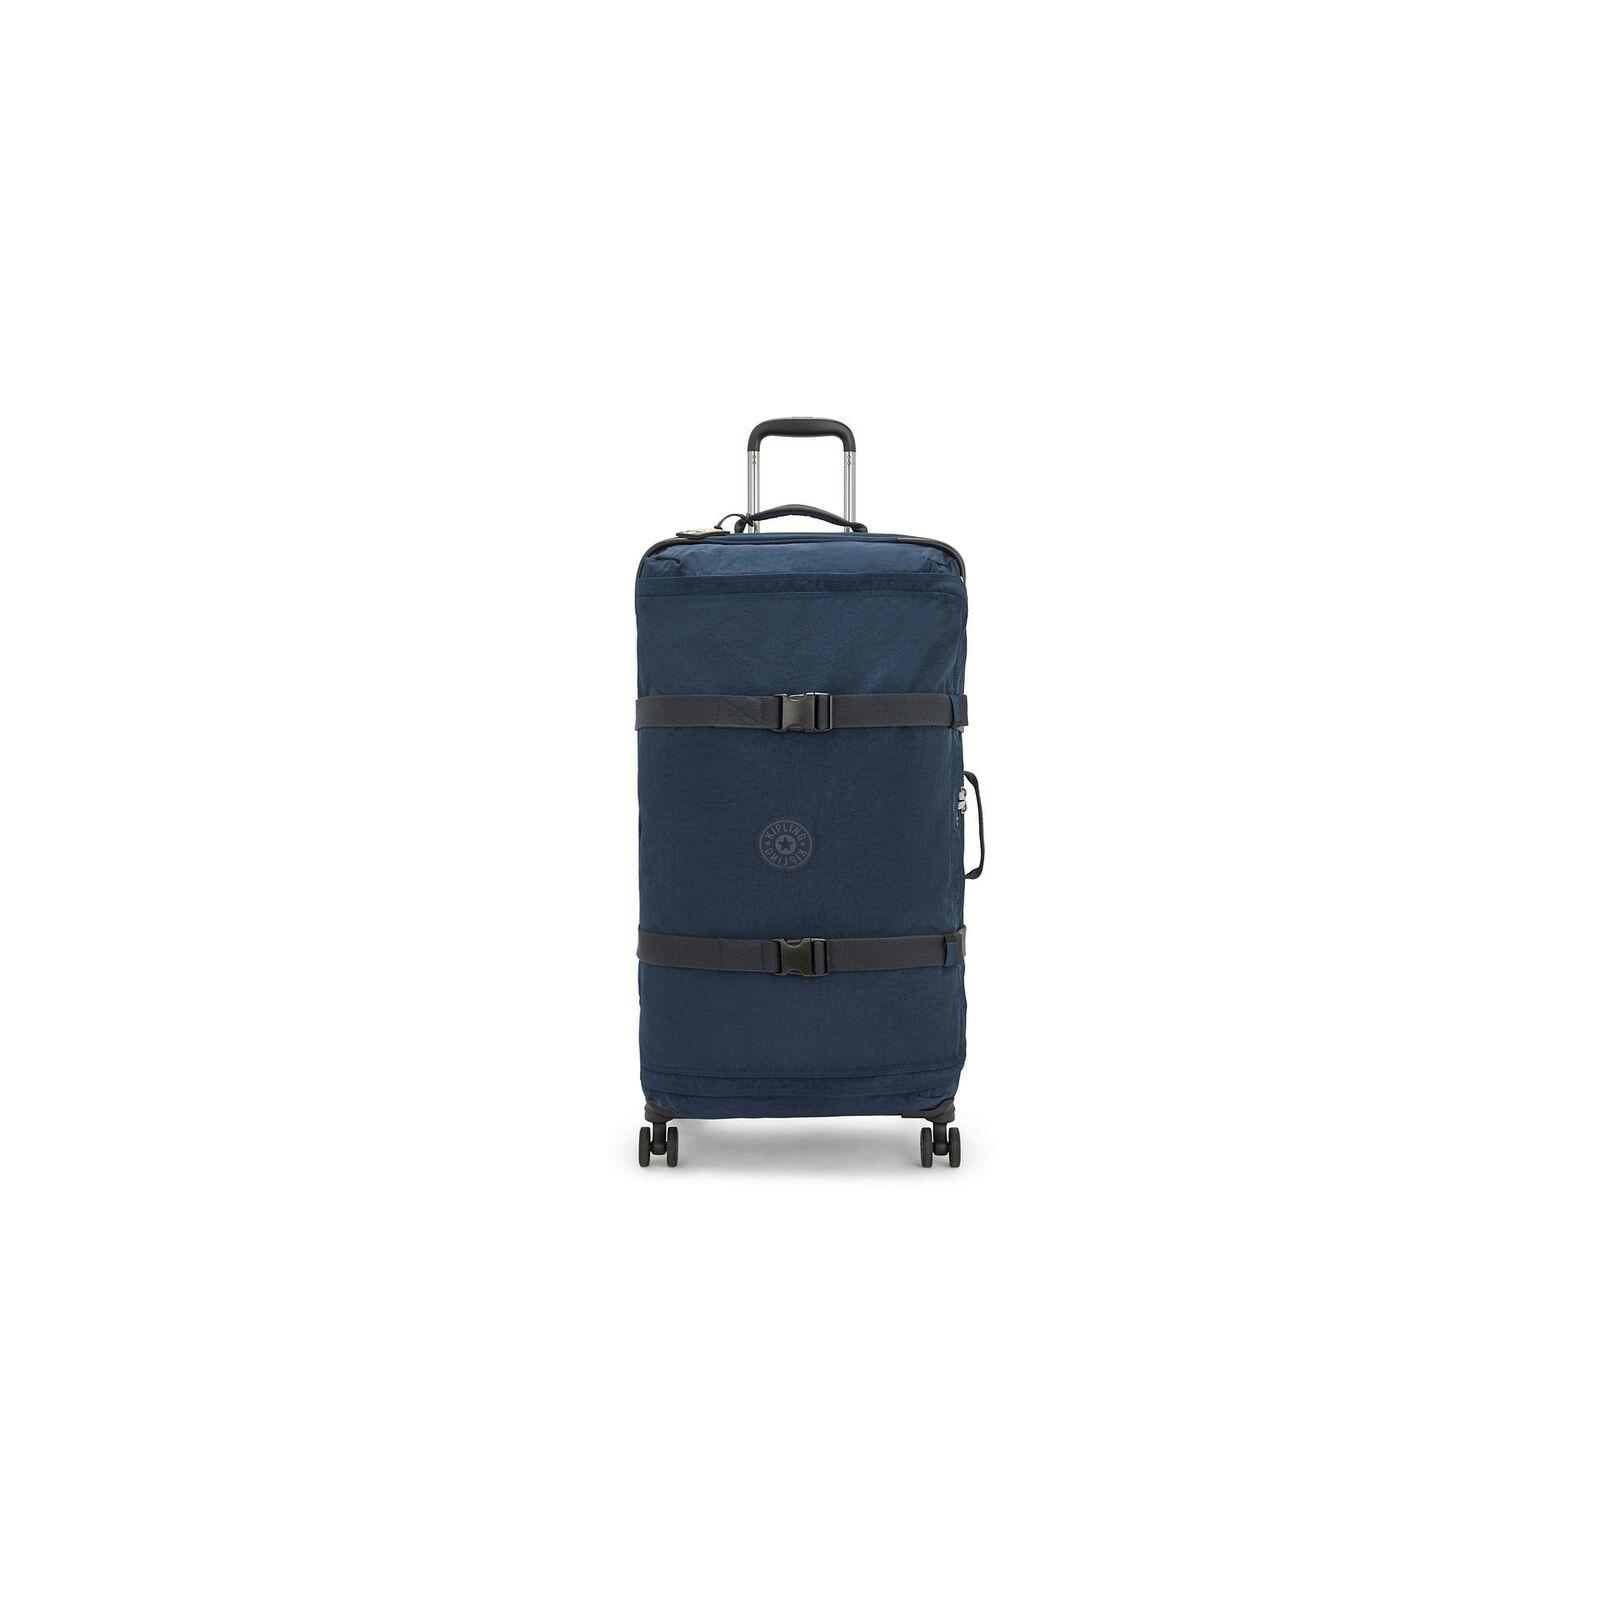 Kipling Spontaneous Large Rolling Luggage